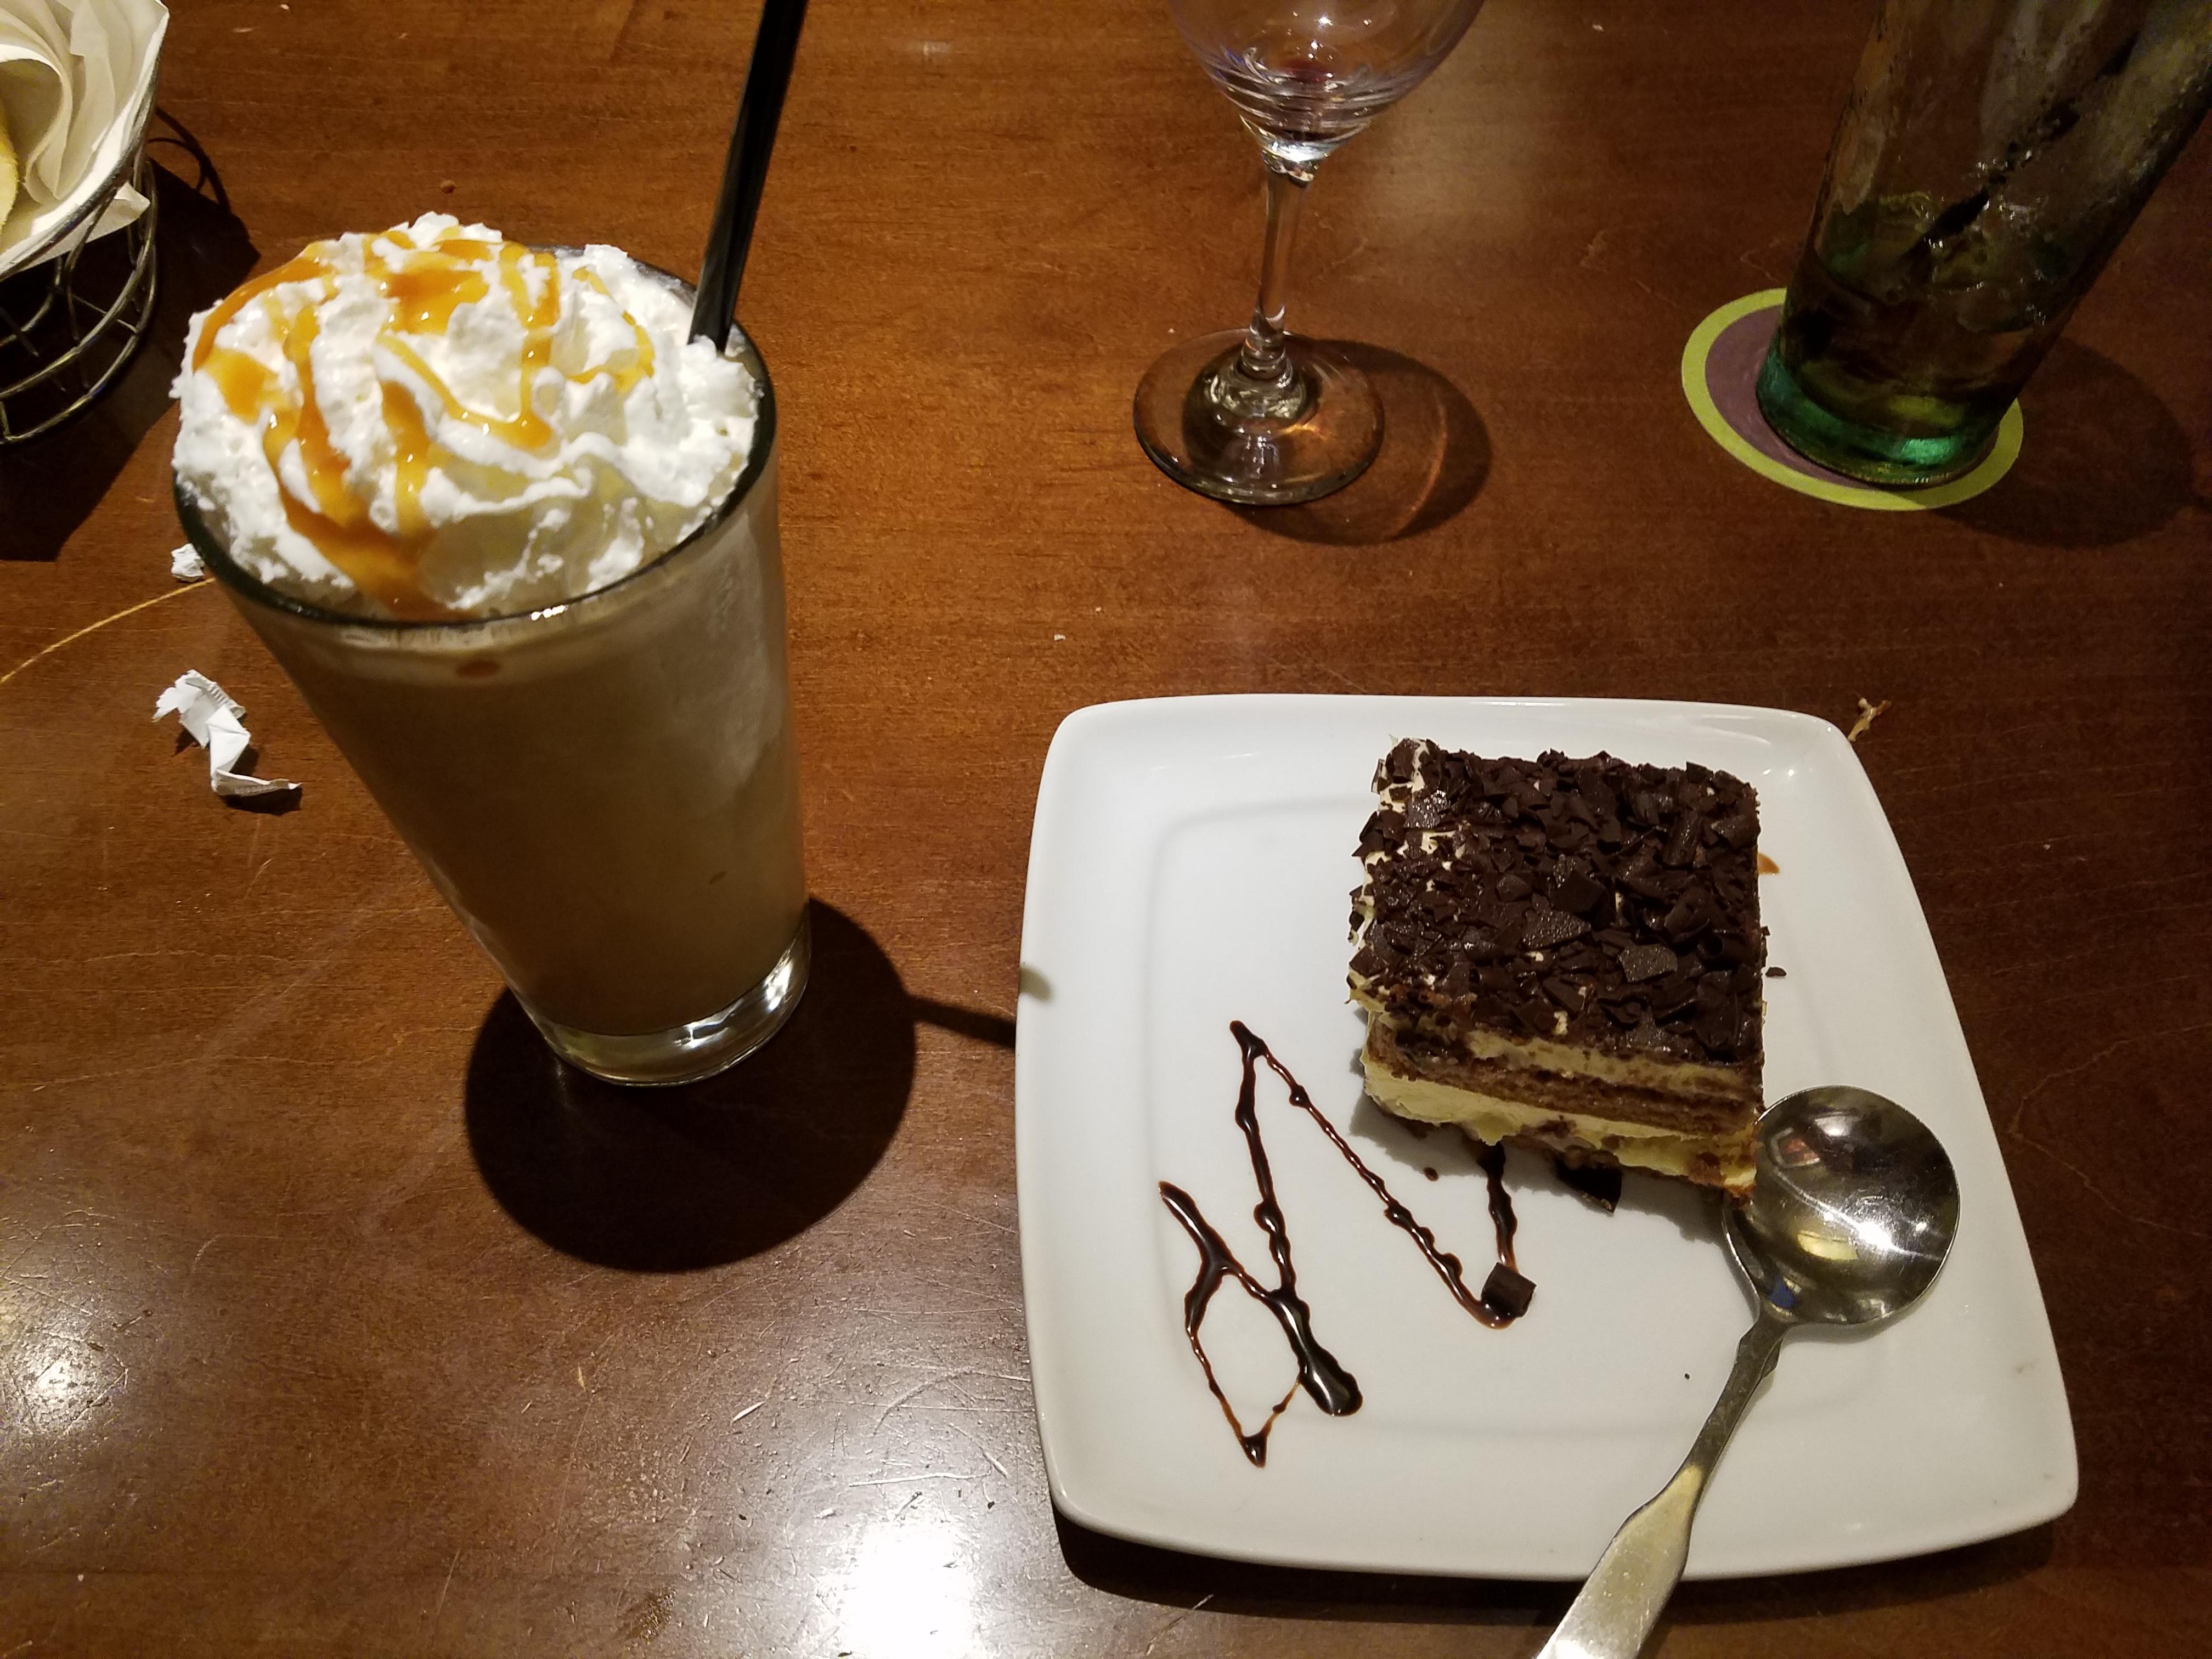 File:Olive Garden dessert (27785757824).jpg - Wikimedia Commons